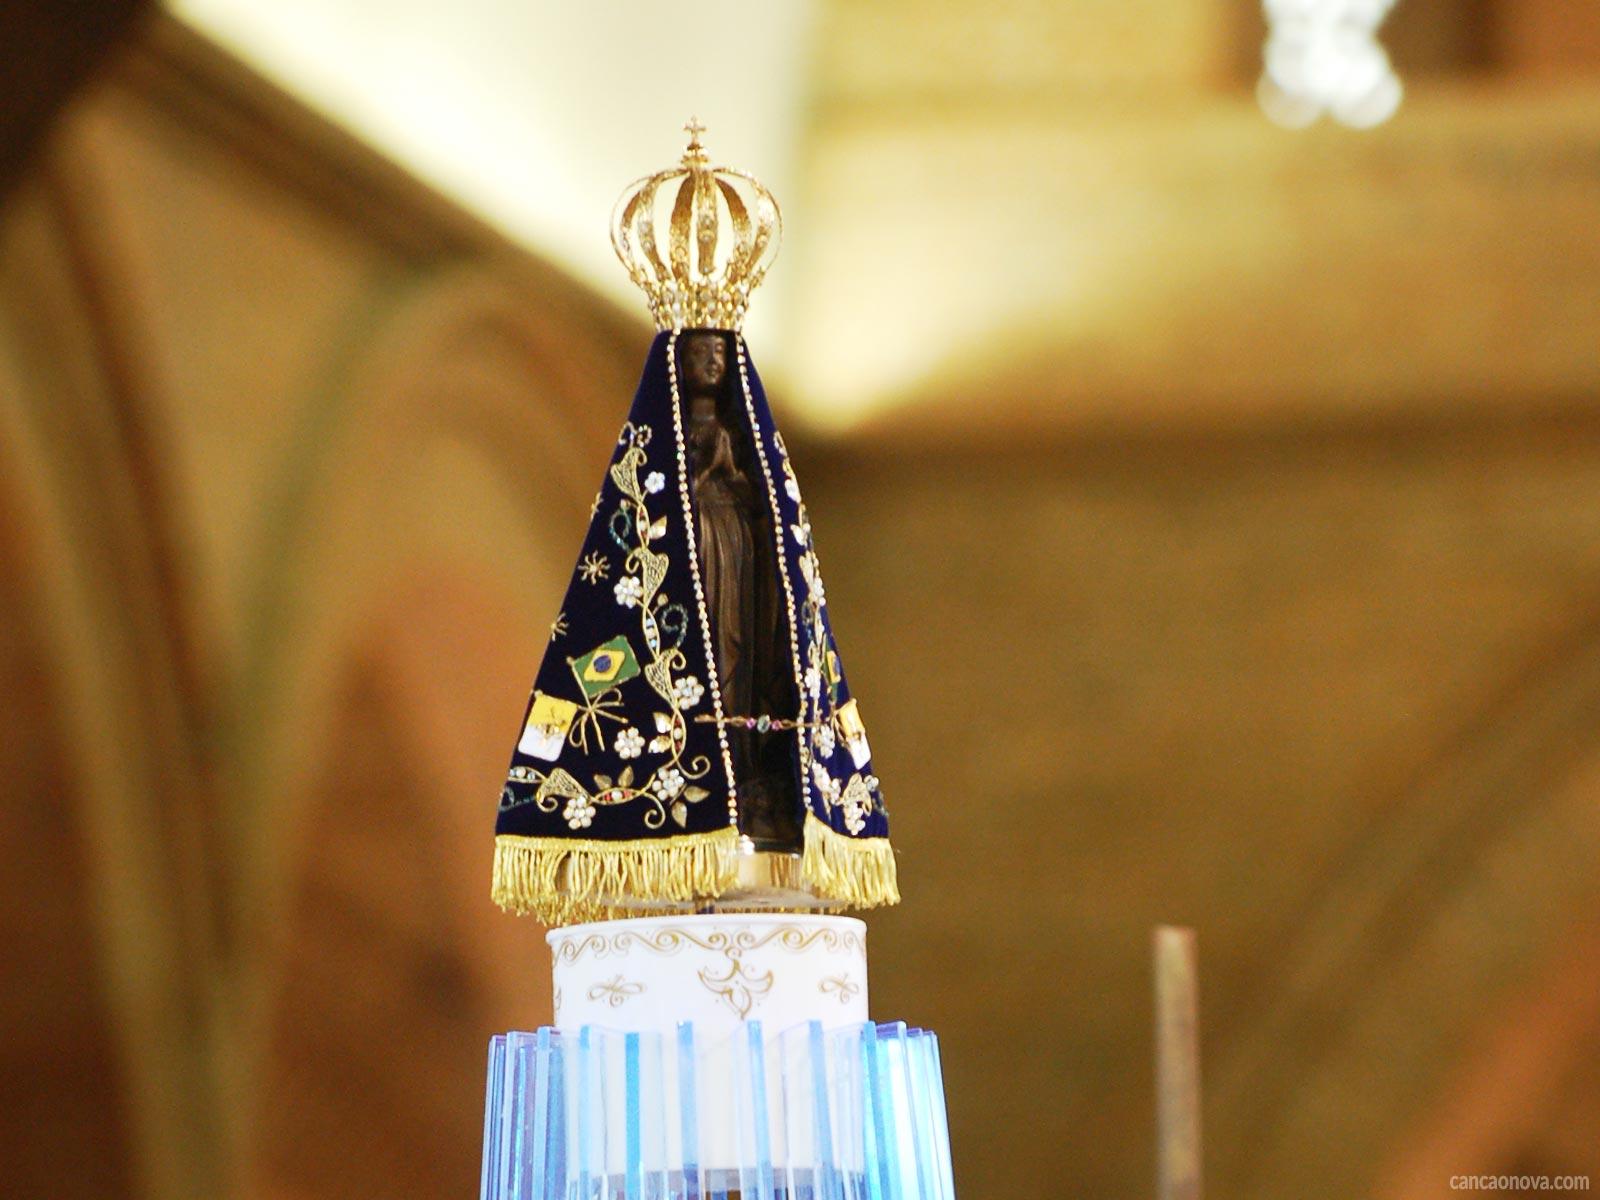 Novena De Nossa Senhora Aparecida: Medite O 8º Dia Da Novena A Nossa Senhora Aparecida